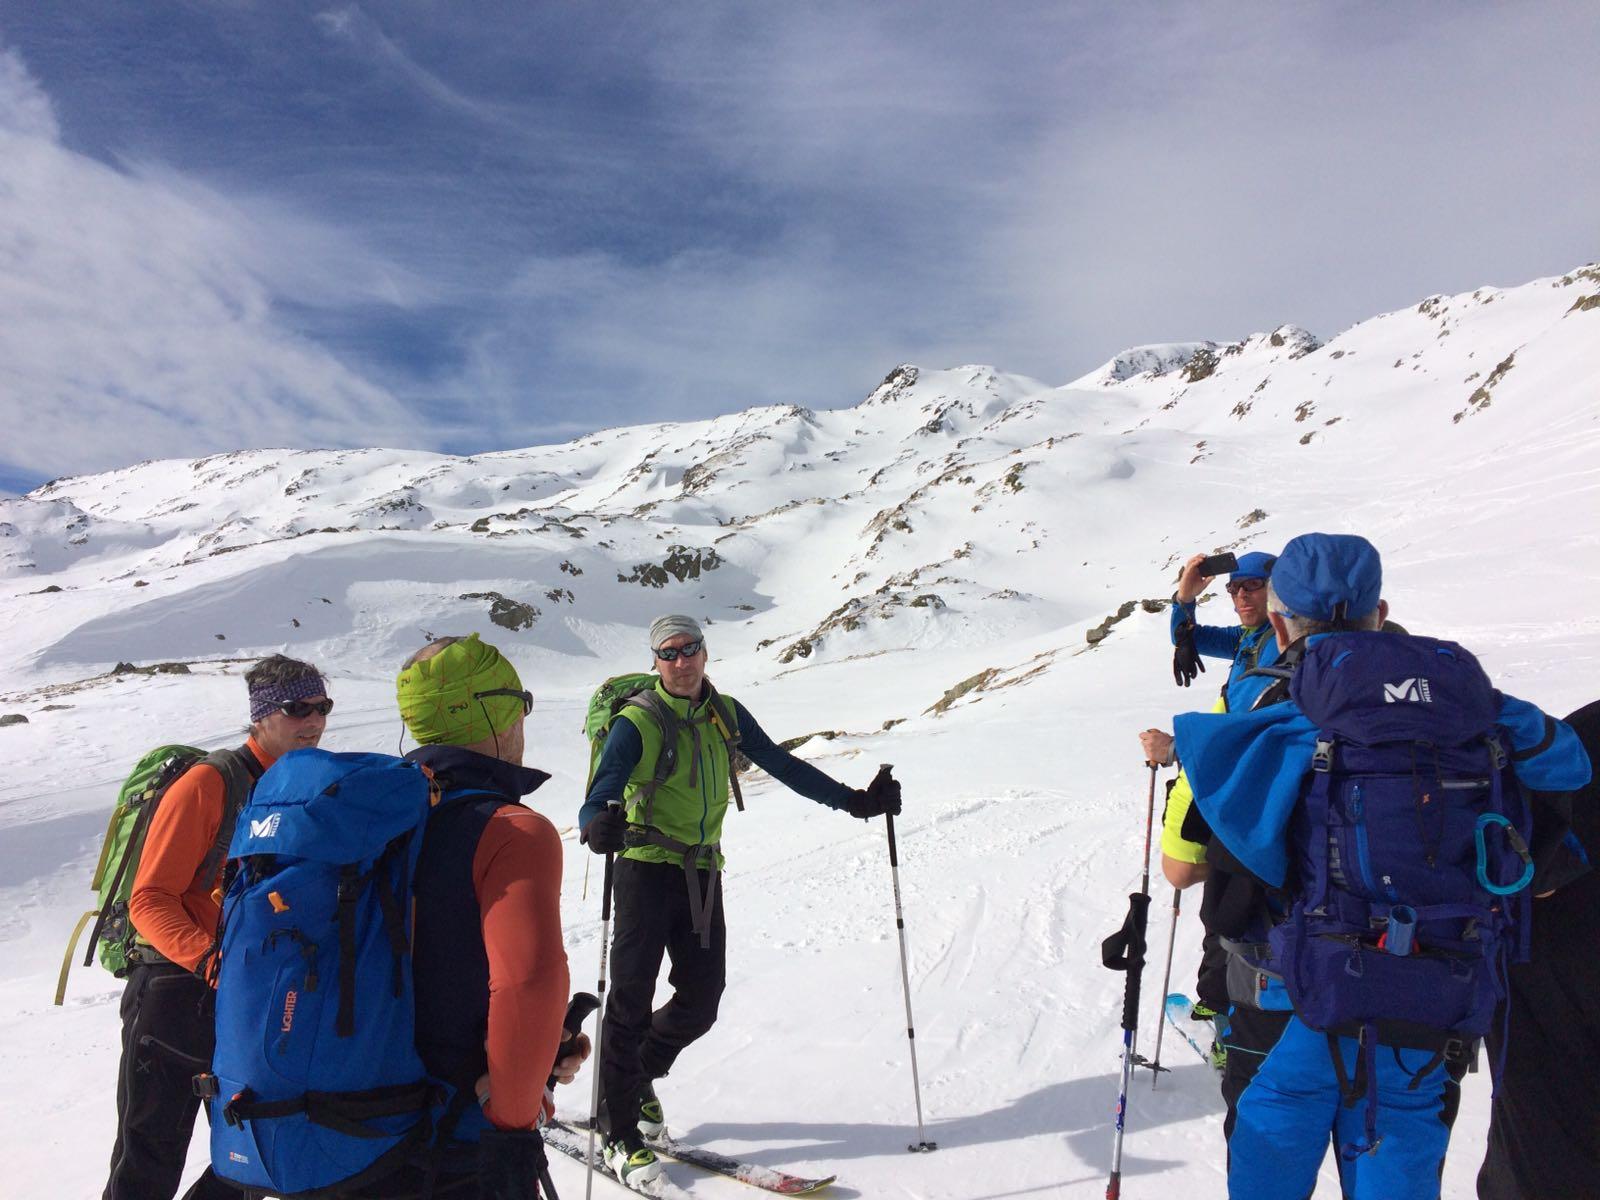 Uscita scialpinismo Tamborello